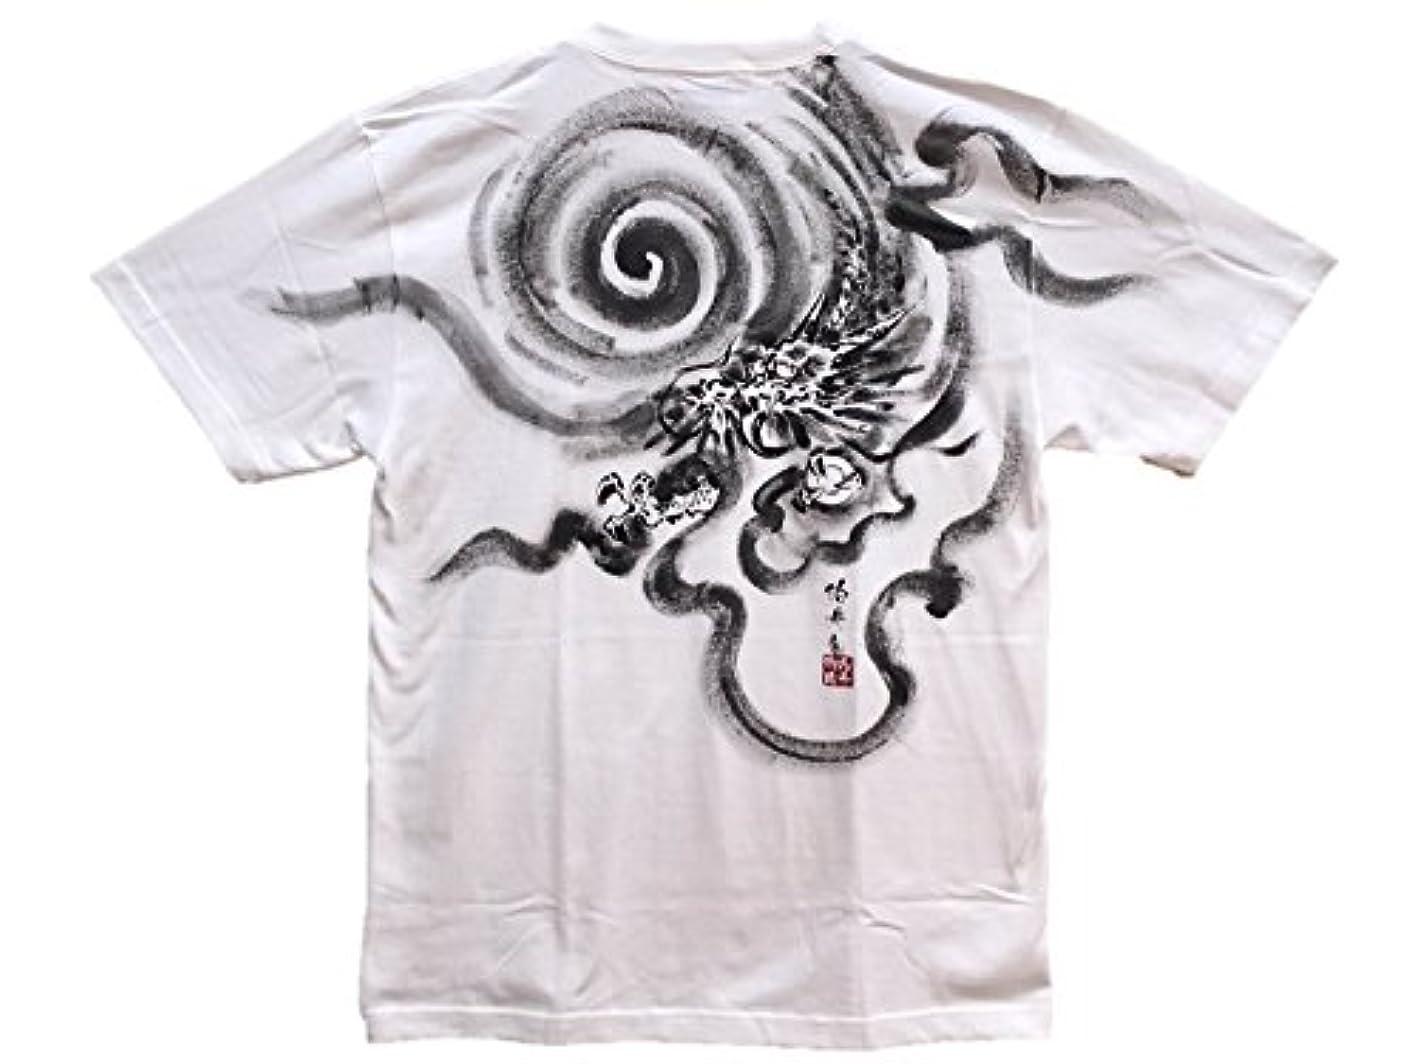 生産性ゆるい入札龍1 ドラゴン Tシャツ 白黒 半袖 和柄 日本画 手描き 墨絵 伯舟庵